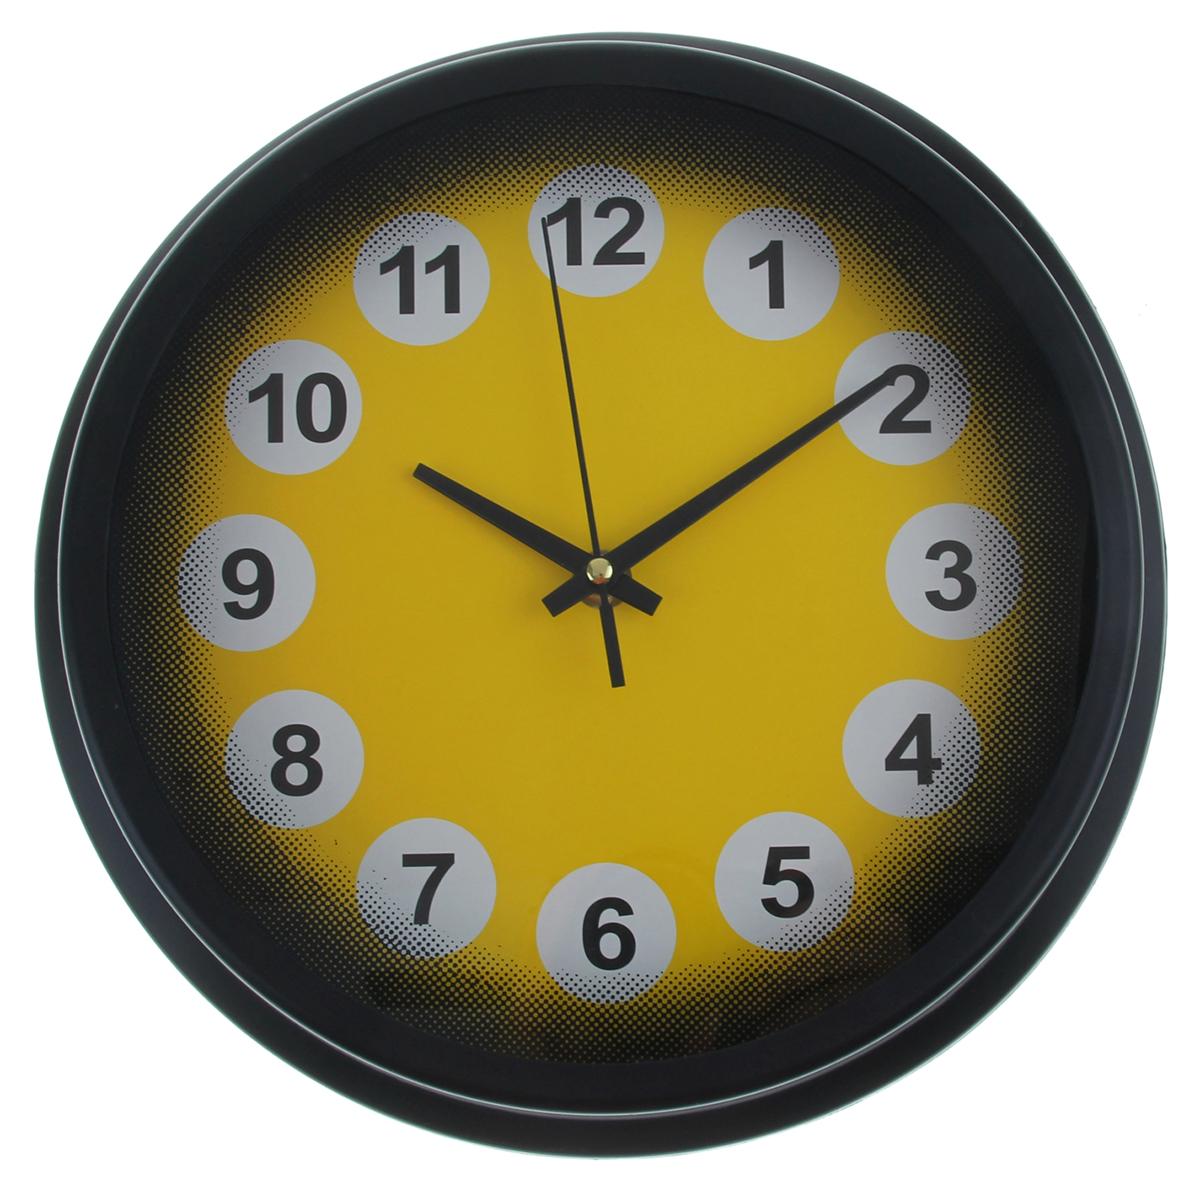 Часы настенные, цвет: черный, желтый, диаметр 27,5 см1031021Каждому хозяину периодически приходит мысль обновить свою квартиру, сделать ремонт, перестановку или кардинально поменять внешний вид каждой комнаты. Часы настенные круглые Figures in circles, d=27,5 см, рама-багет черная, циферблат желтый, цифры в белых кружках — привлекательная деталь, которая поможет воплотить вашу интерьерную идею, создать неповторимую атмосферу в вашем доме. Окружите себя приятными мелочами, пусть они радуют глаз и дарят гармонию.Часы настенные круг, рама черная багет, циферблат желтый, цифры в белых кружках d=27,5см 1031021